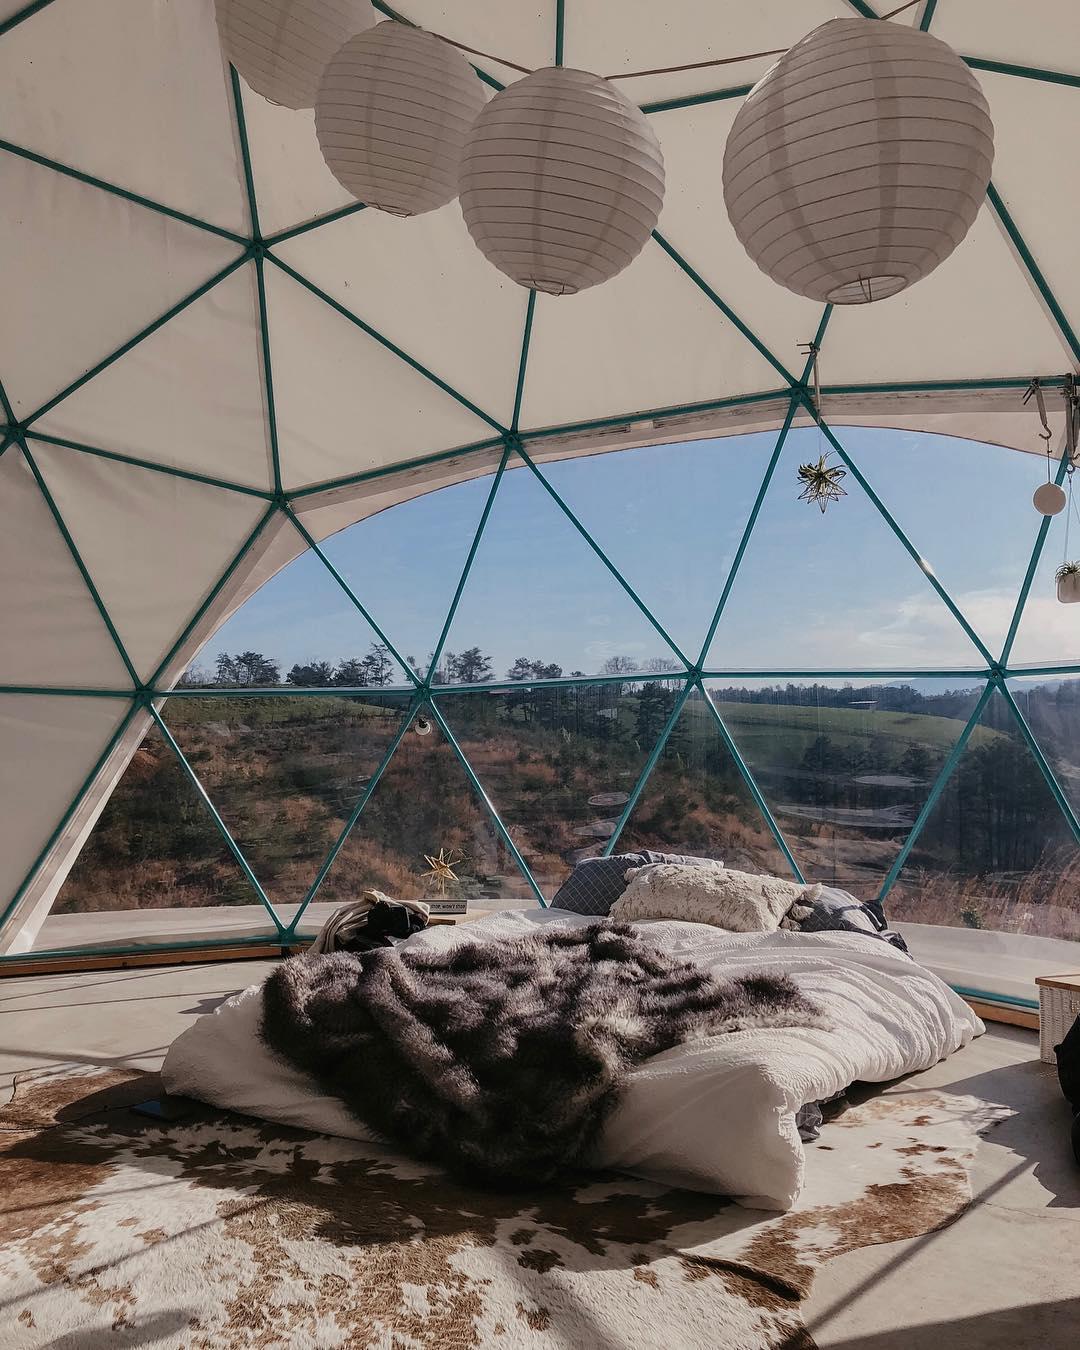 浪漫的野外露营 帐篷酒店阿什维尔露营